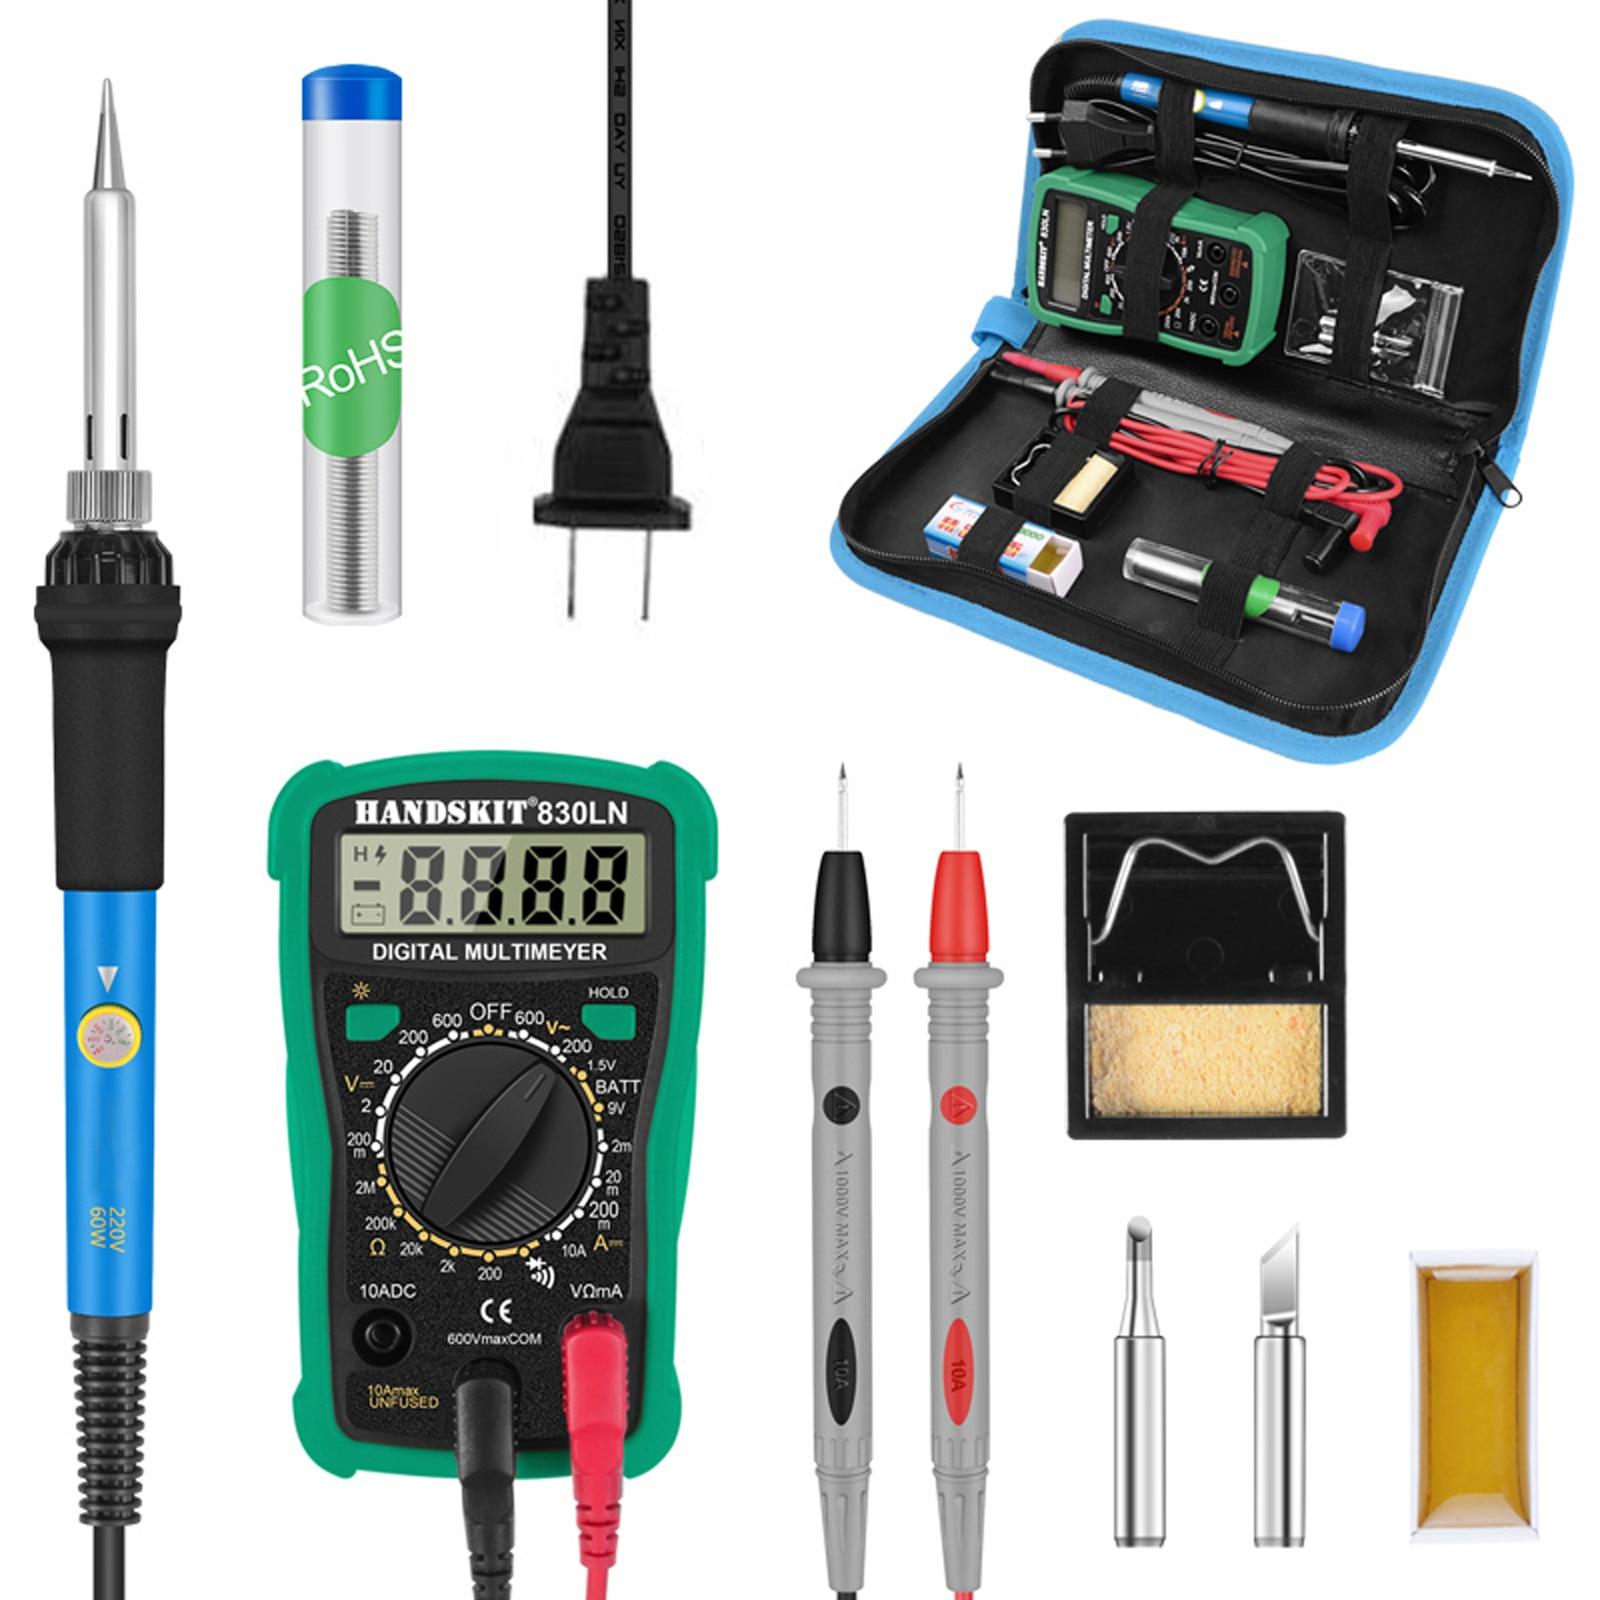 110v 220v handskit 60w ferro de solda digital kit temperatura elétrica ferro de solda multímetro desoldeirng bomba ferramenta de solda